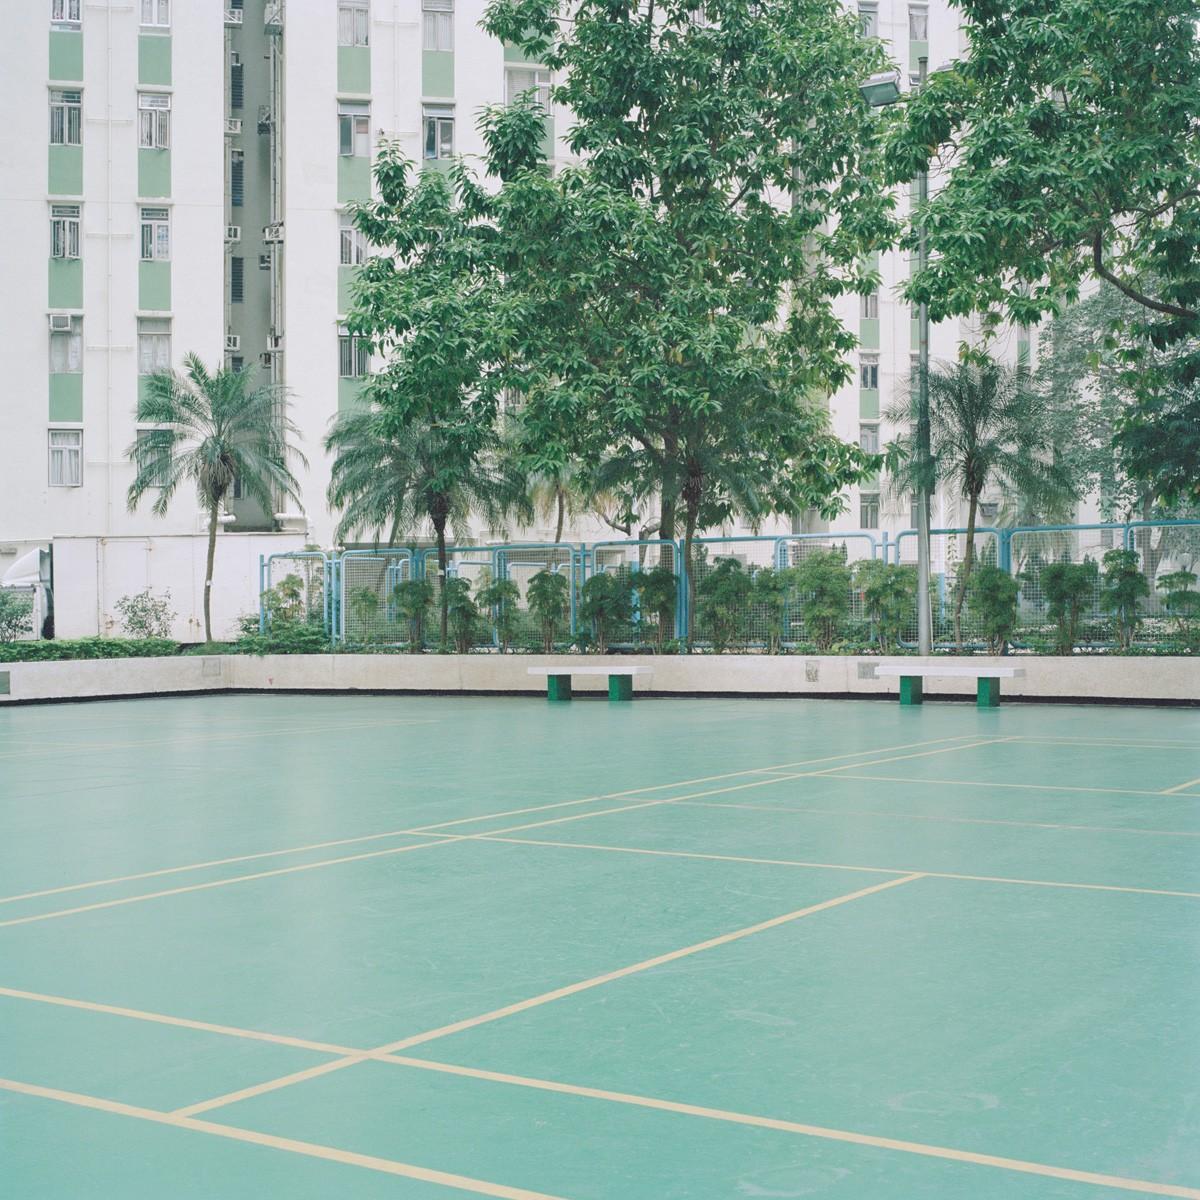 ward-roberts-courts-02.5-5c25e76214bd3ed3591af3a612efc99c